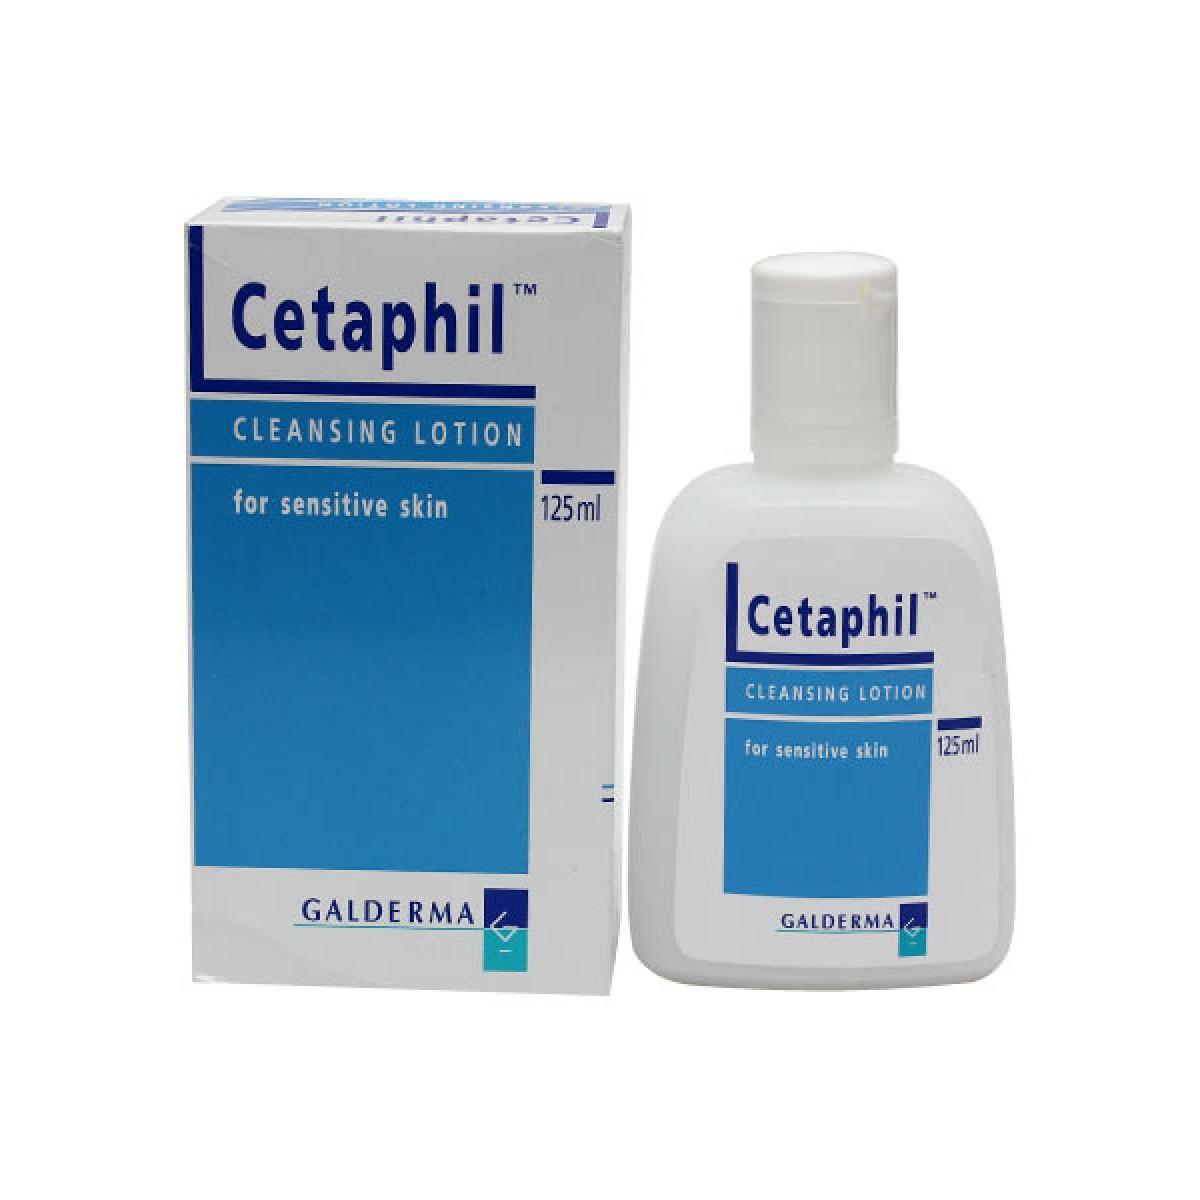 غسول البشرة الدهنية سيتافل Cetaphil